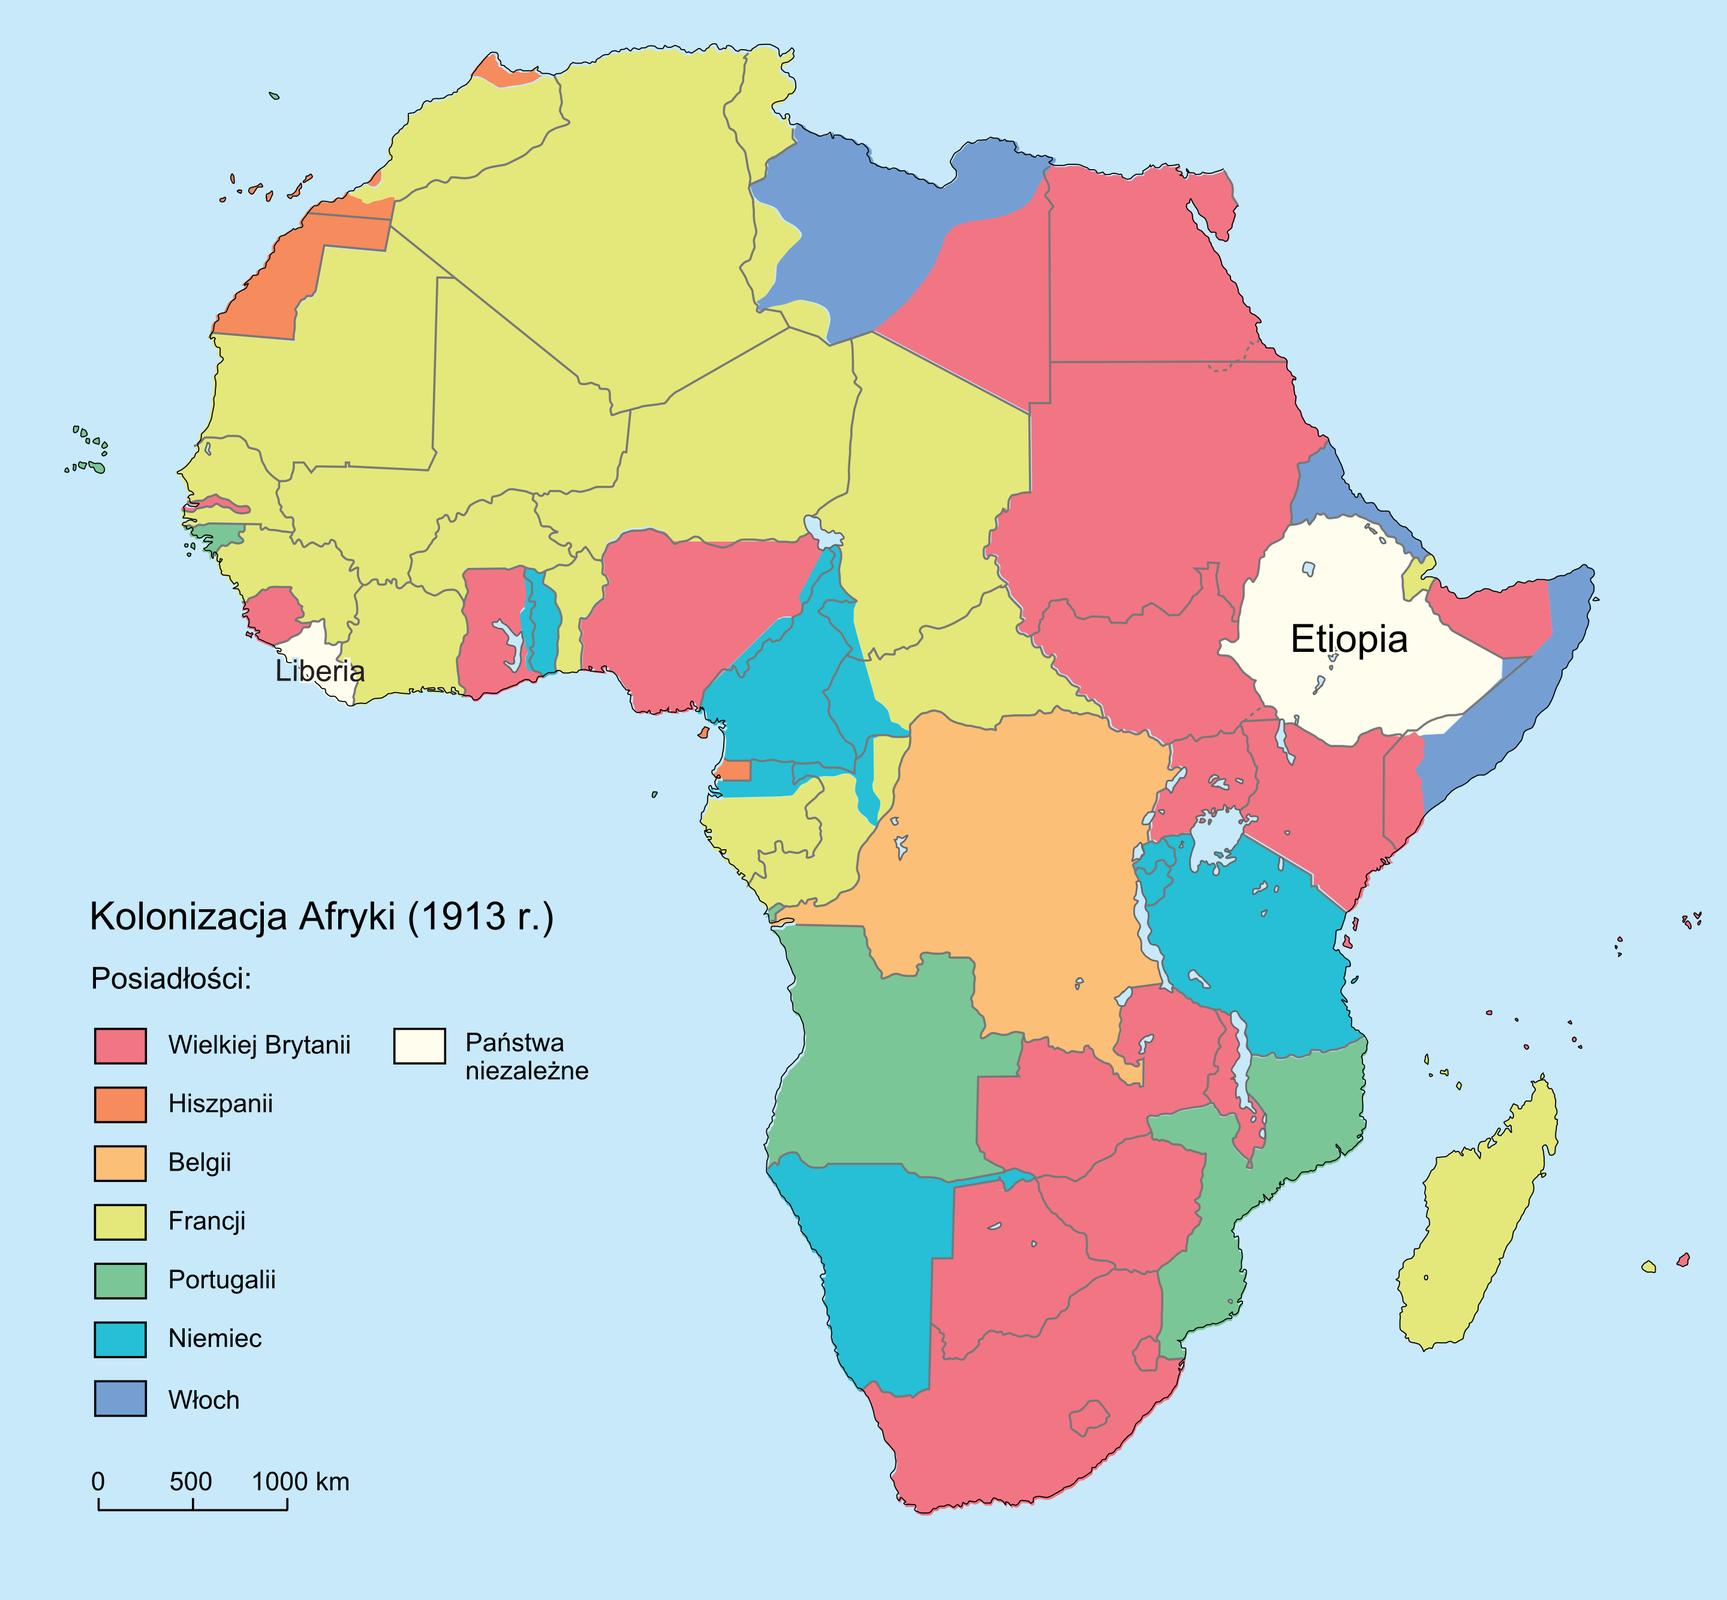 Ilustracja przedstawia mapę kolonizacji Afryki zdokładnym podziałem na posiadłości. Obok mapy, na lewo, legenda. Kolor różowy to liczne posiadłości Wielkiej Brytanii wpołudniowej iwschodniej części Afryki. Trzy niewielkie posiadłości na zachodnim wybrzeżu. Ciemno pomarańczowy kolor to posiadłości Hiszpanii. Niewielkie dwie posiadłości znajdują się na północno-zachodnim wybrzeżu. Jasno pomarańczowy kolor to posiadłości Belgii wcentrum Afryki. Żółty kolor to liczne posiadłości Francji, wzachodniej ipółnocnej części Afryki. Dwie posiadłości Portugalii na południu, kolor zielony. Posiadłości Niemiec to cztery niebieskie obszary, na południowym, wschodnim izachodnim wybrzeżu. Granatowy kolor to posiadłości Włoch na wschodnim wybrzeżu oraz niewielki obszar na północnym wybrzeżu. Biały kolor to dwa niezależne państwa. Etiopia we wschodniej części oraz Liberia na zachodnim wybrzeżu.